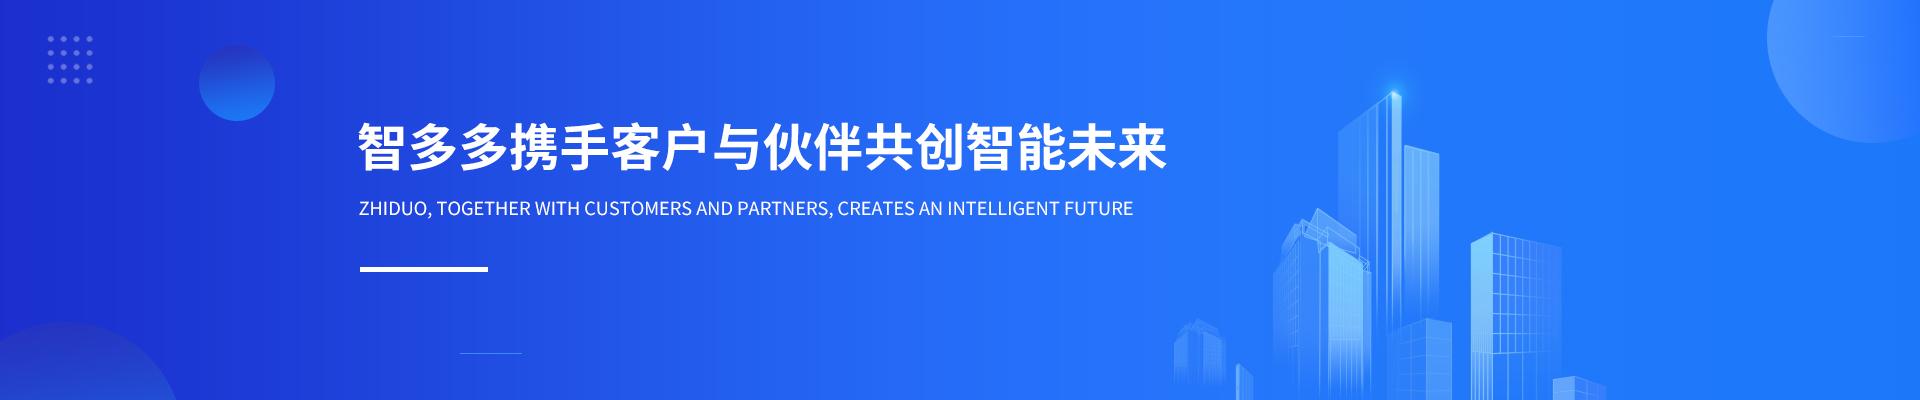 智多多携手客户与伙伴共创智能未来